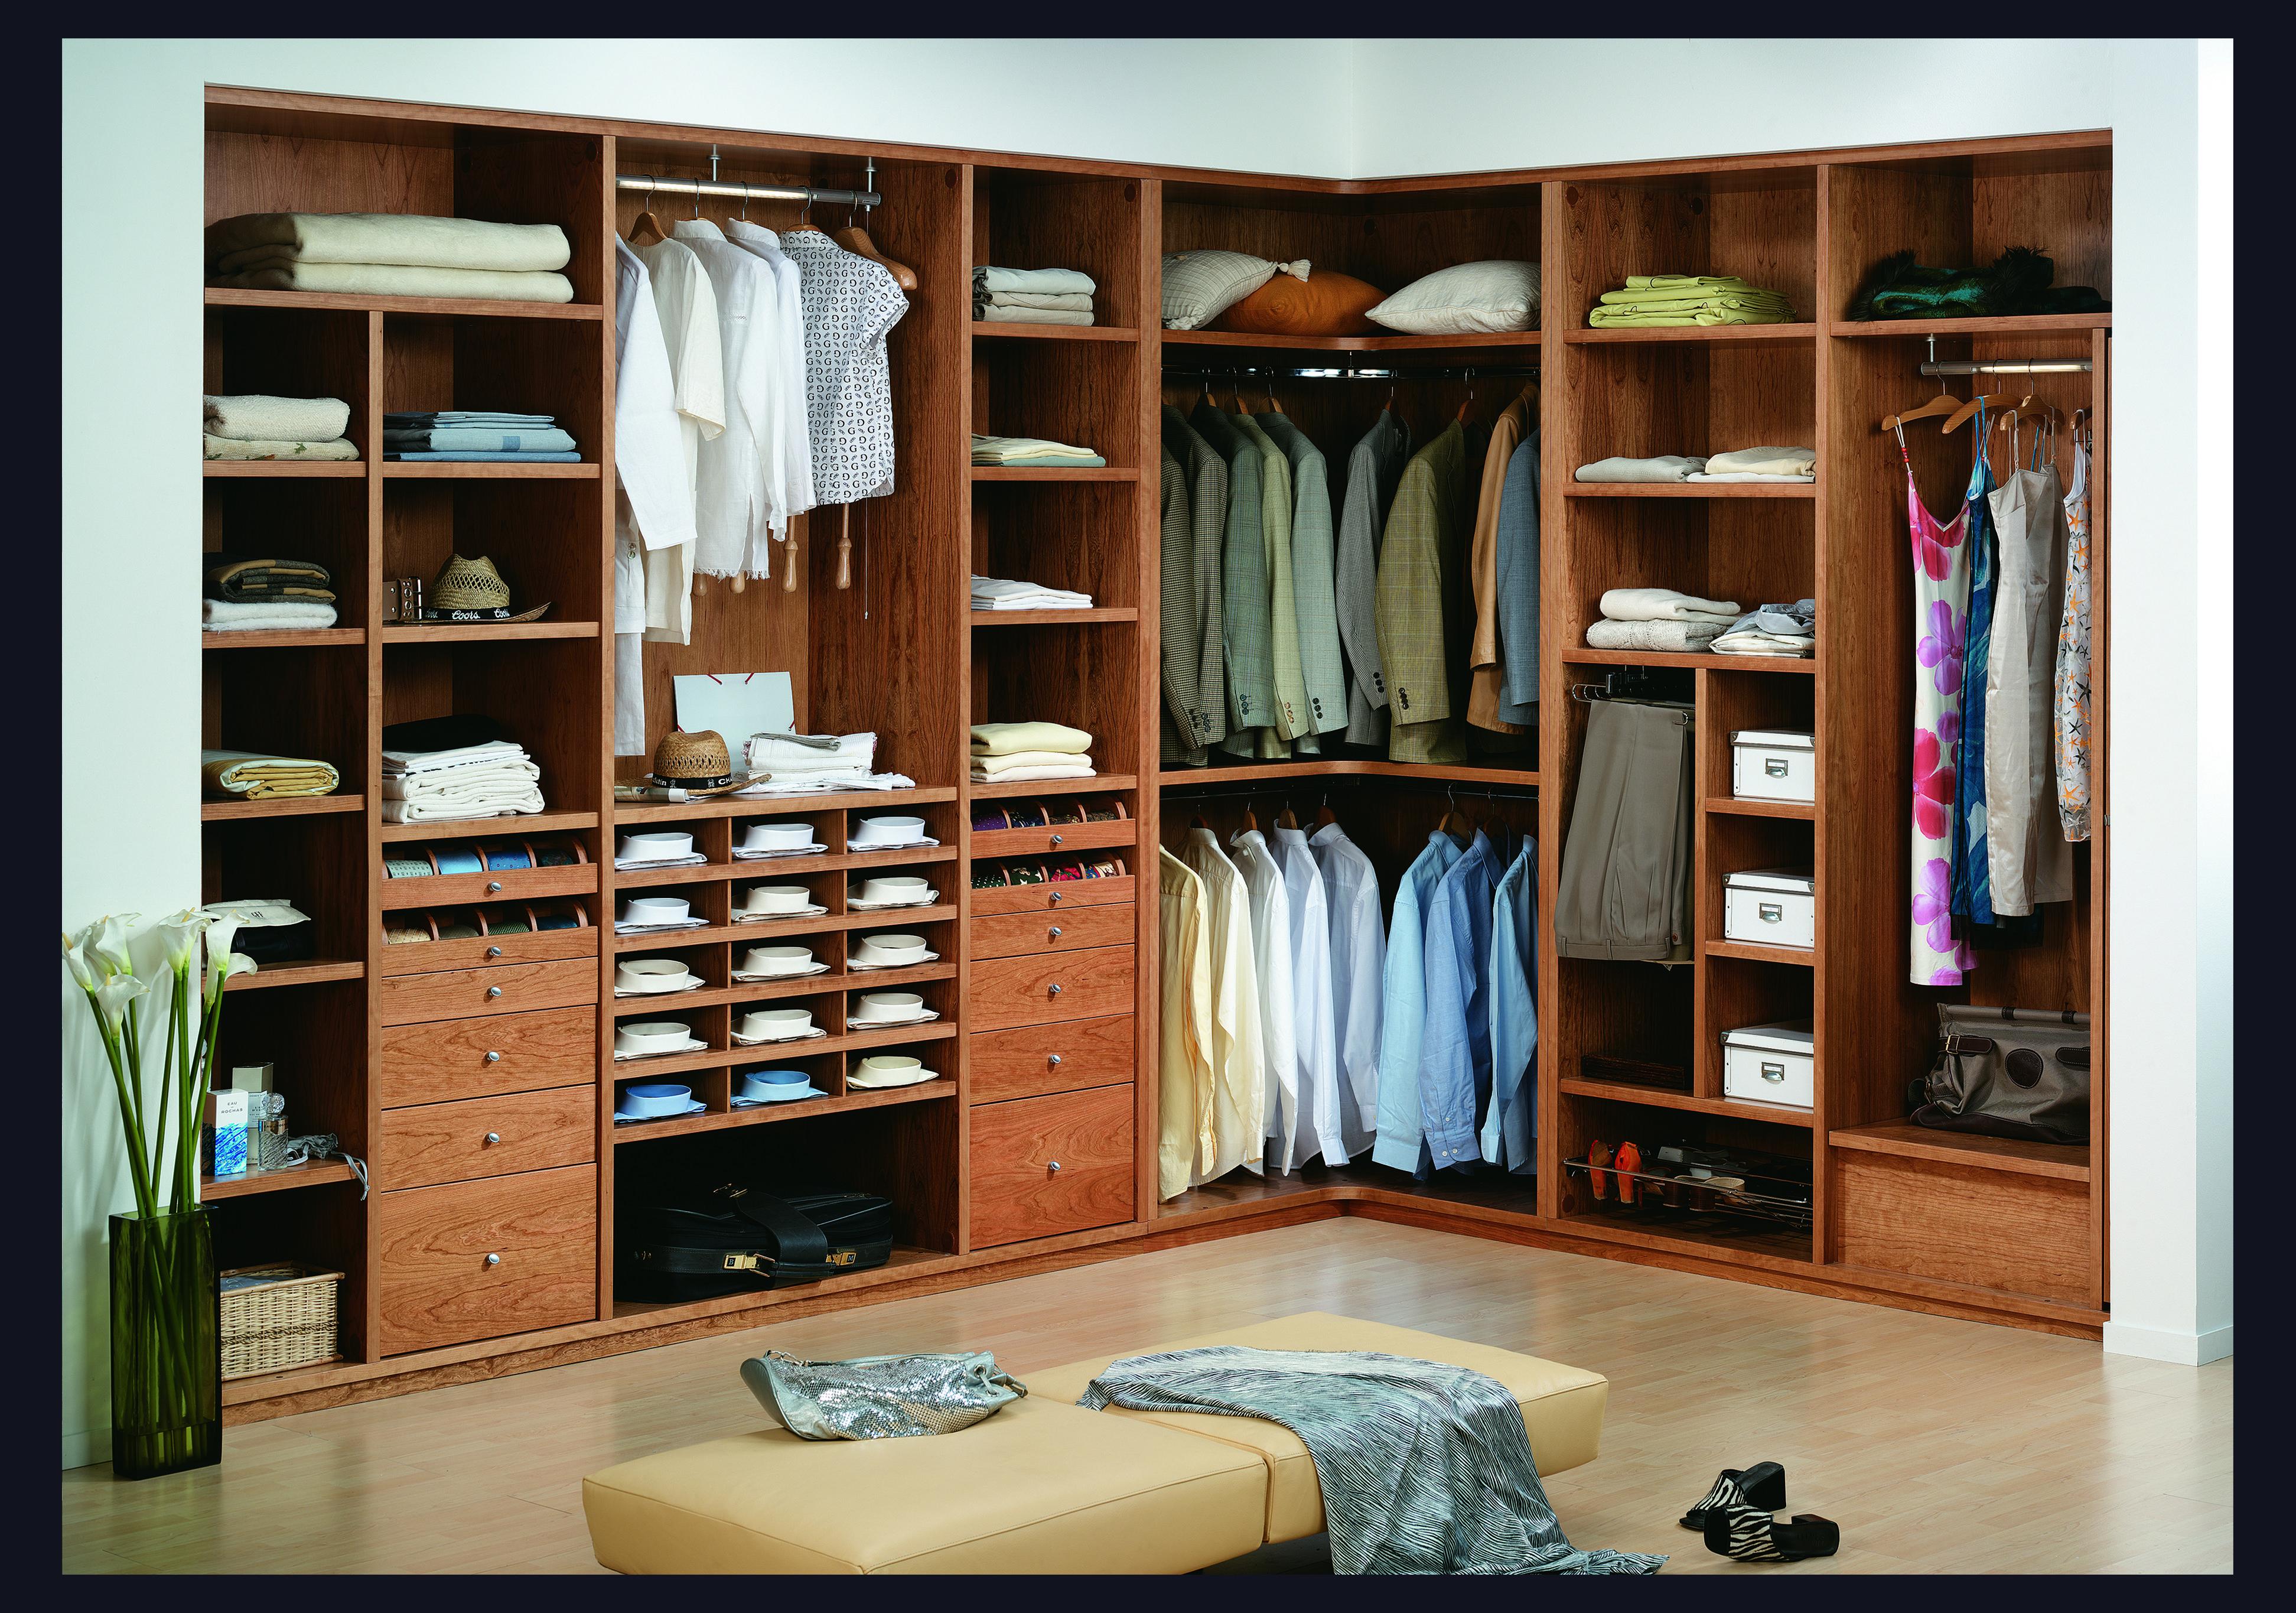 vestidores e interiores catalogo de altxa On vestidores interiores